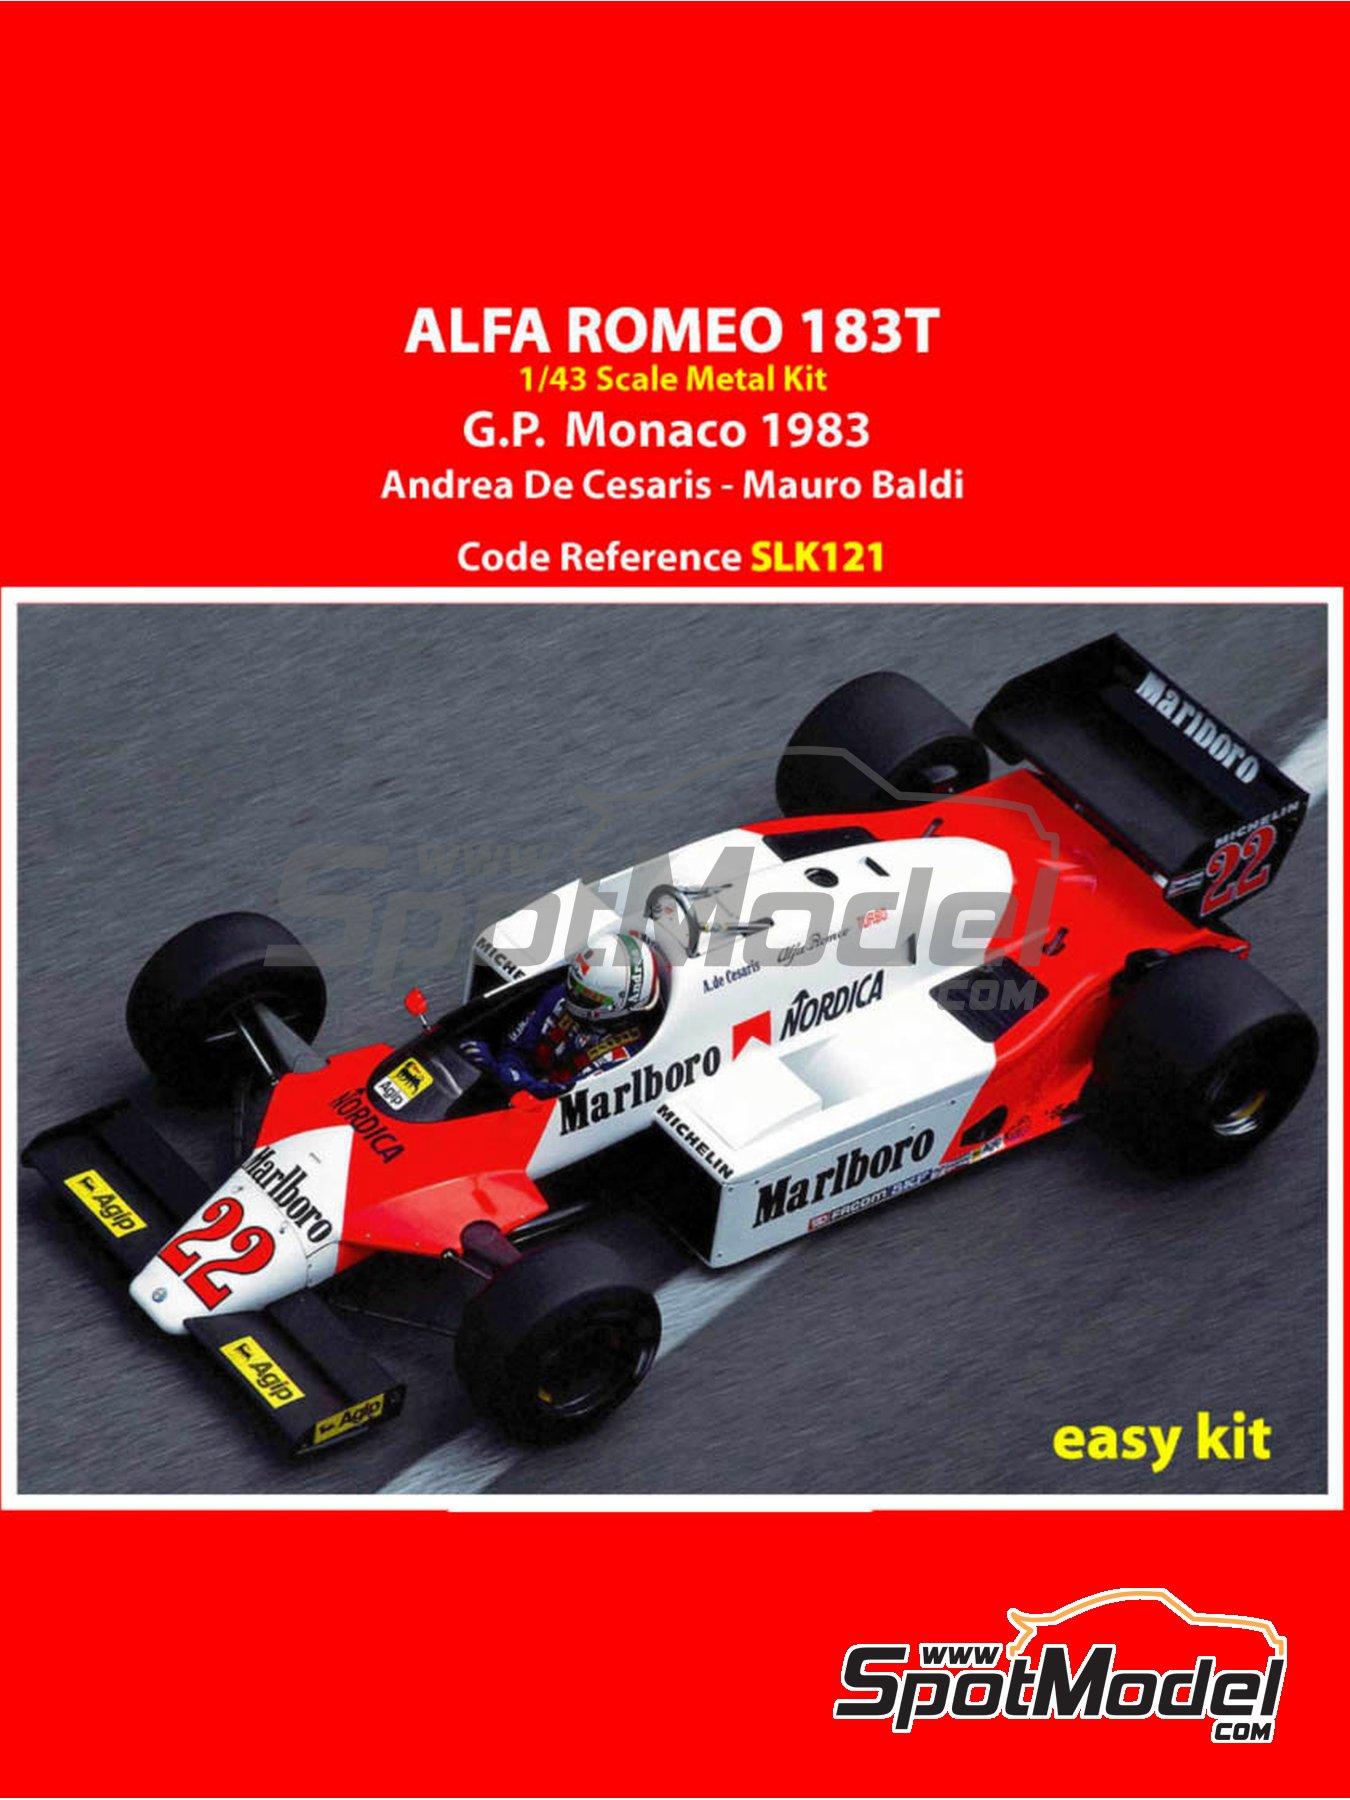 Alfa Romeo 183T Marlboro - Monaco Formula 1 Grand Prix 1983 | Model car kit in 1/43 scale manufactured by Tameo Kits (ref.SLK121) image